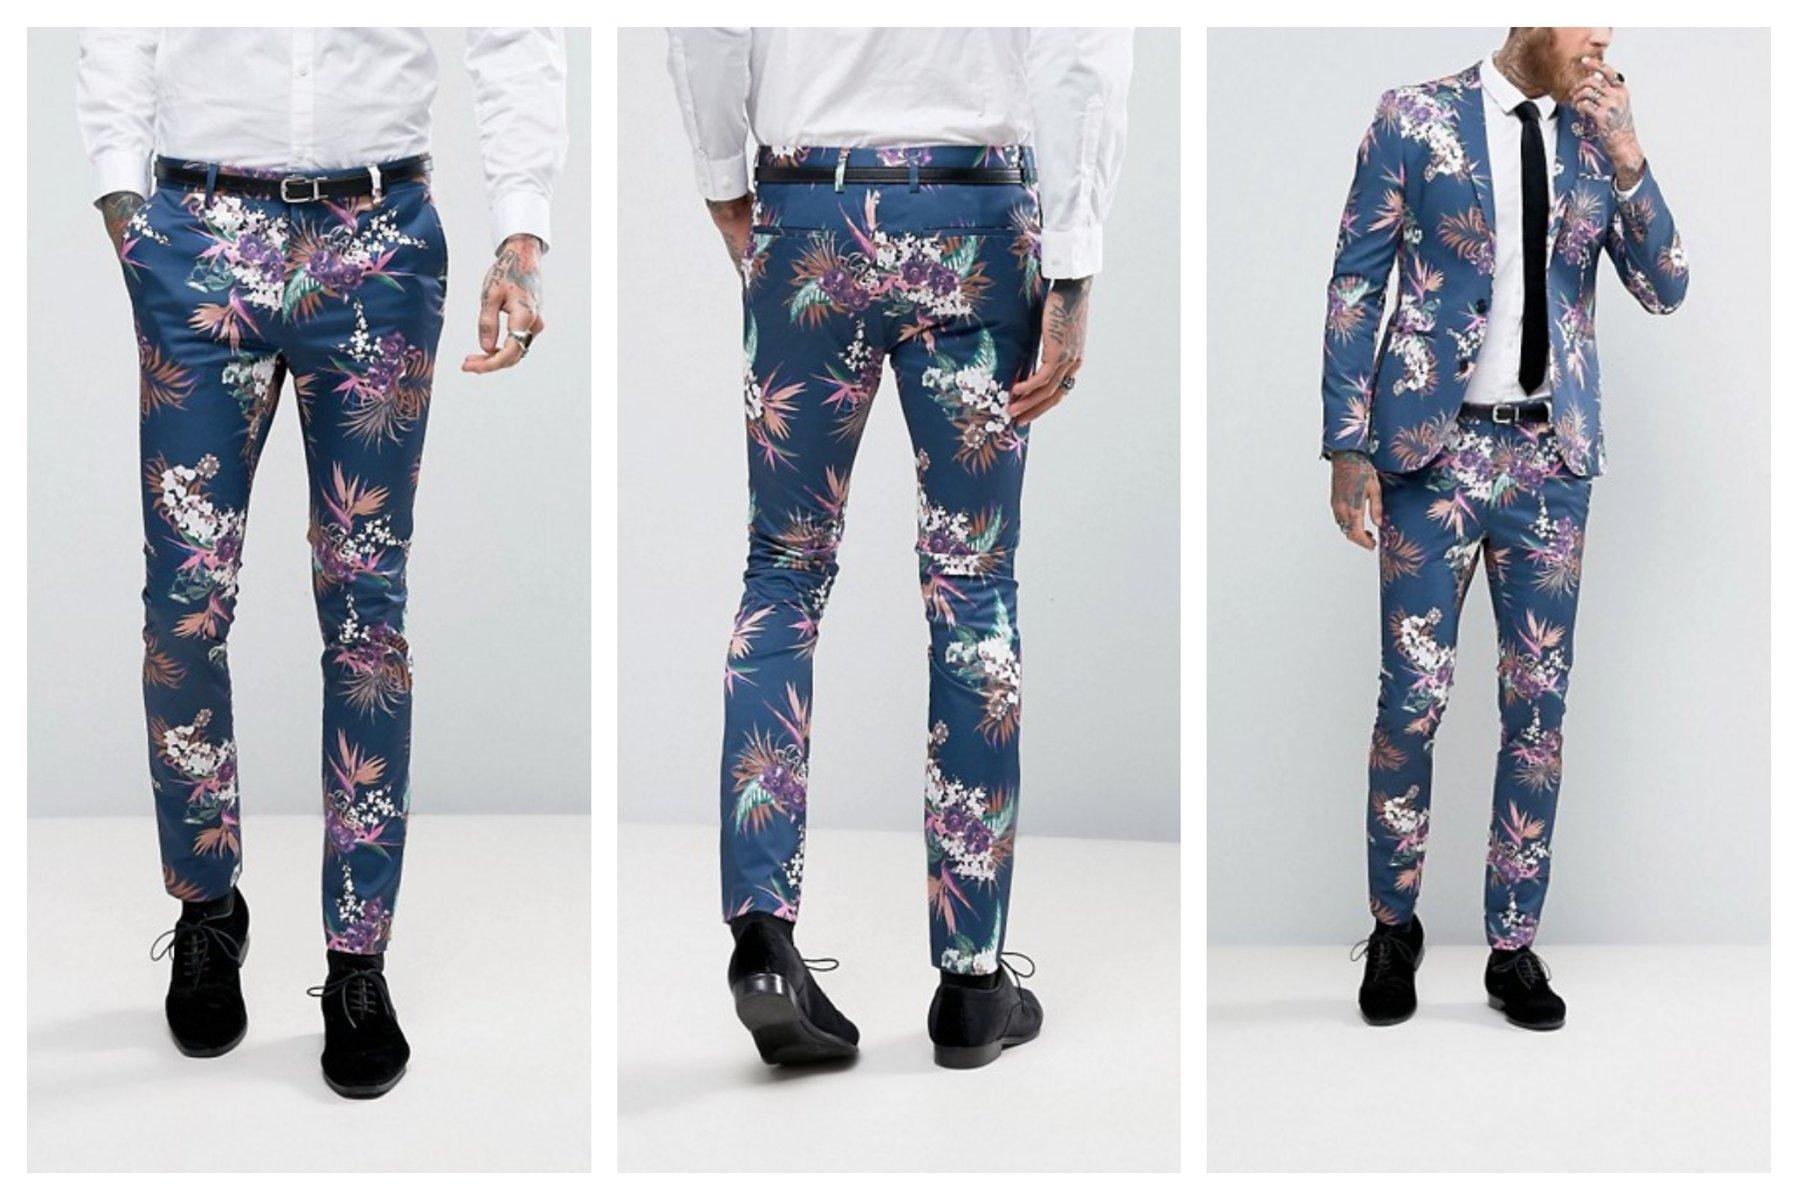 mn98 spodnie skinny granatowe kwiaty W34 L36